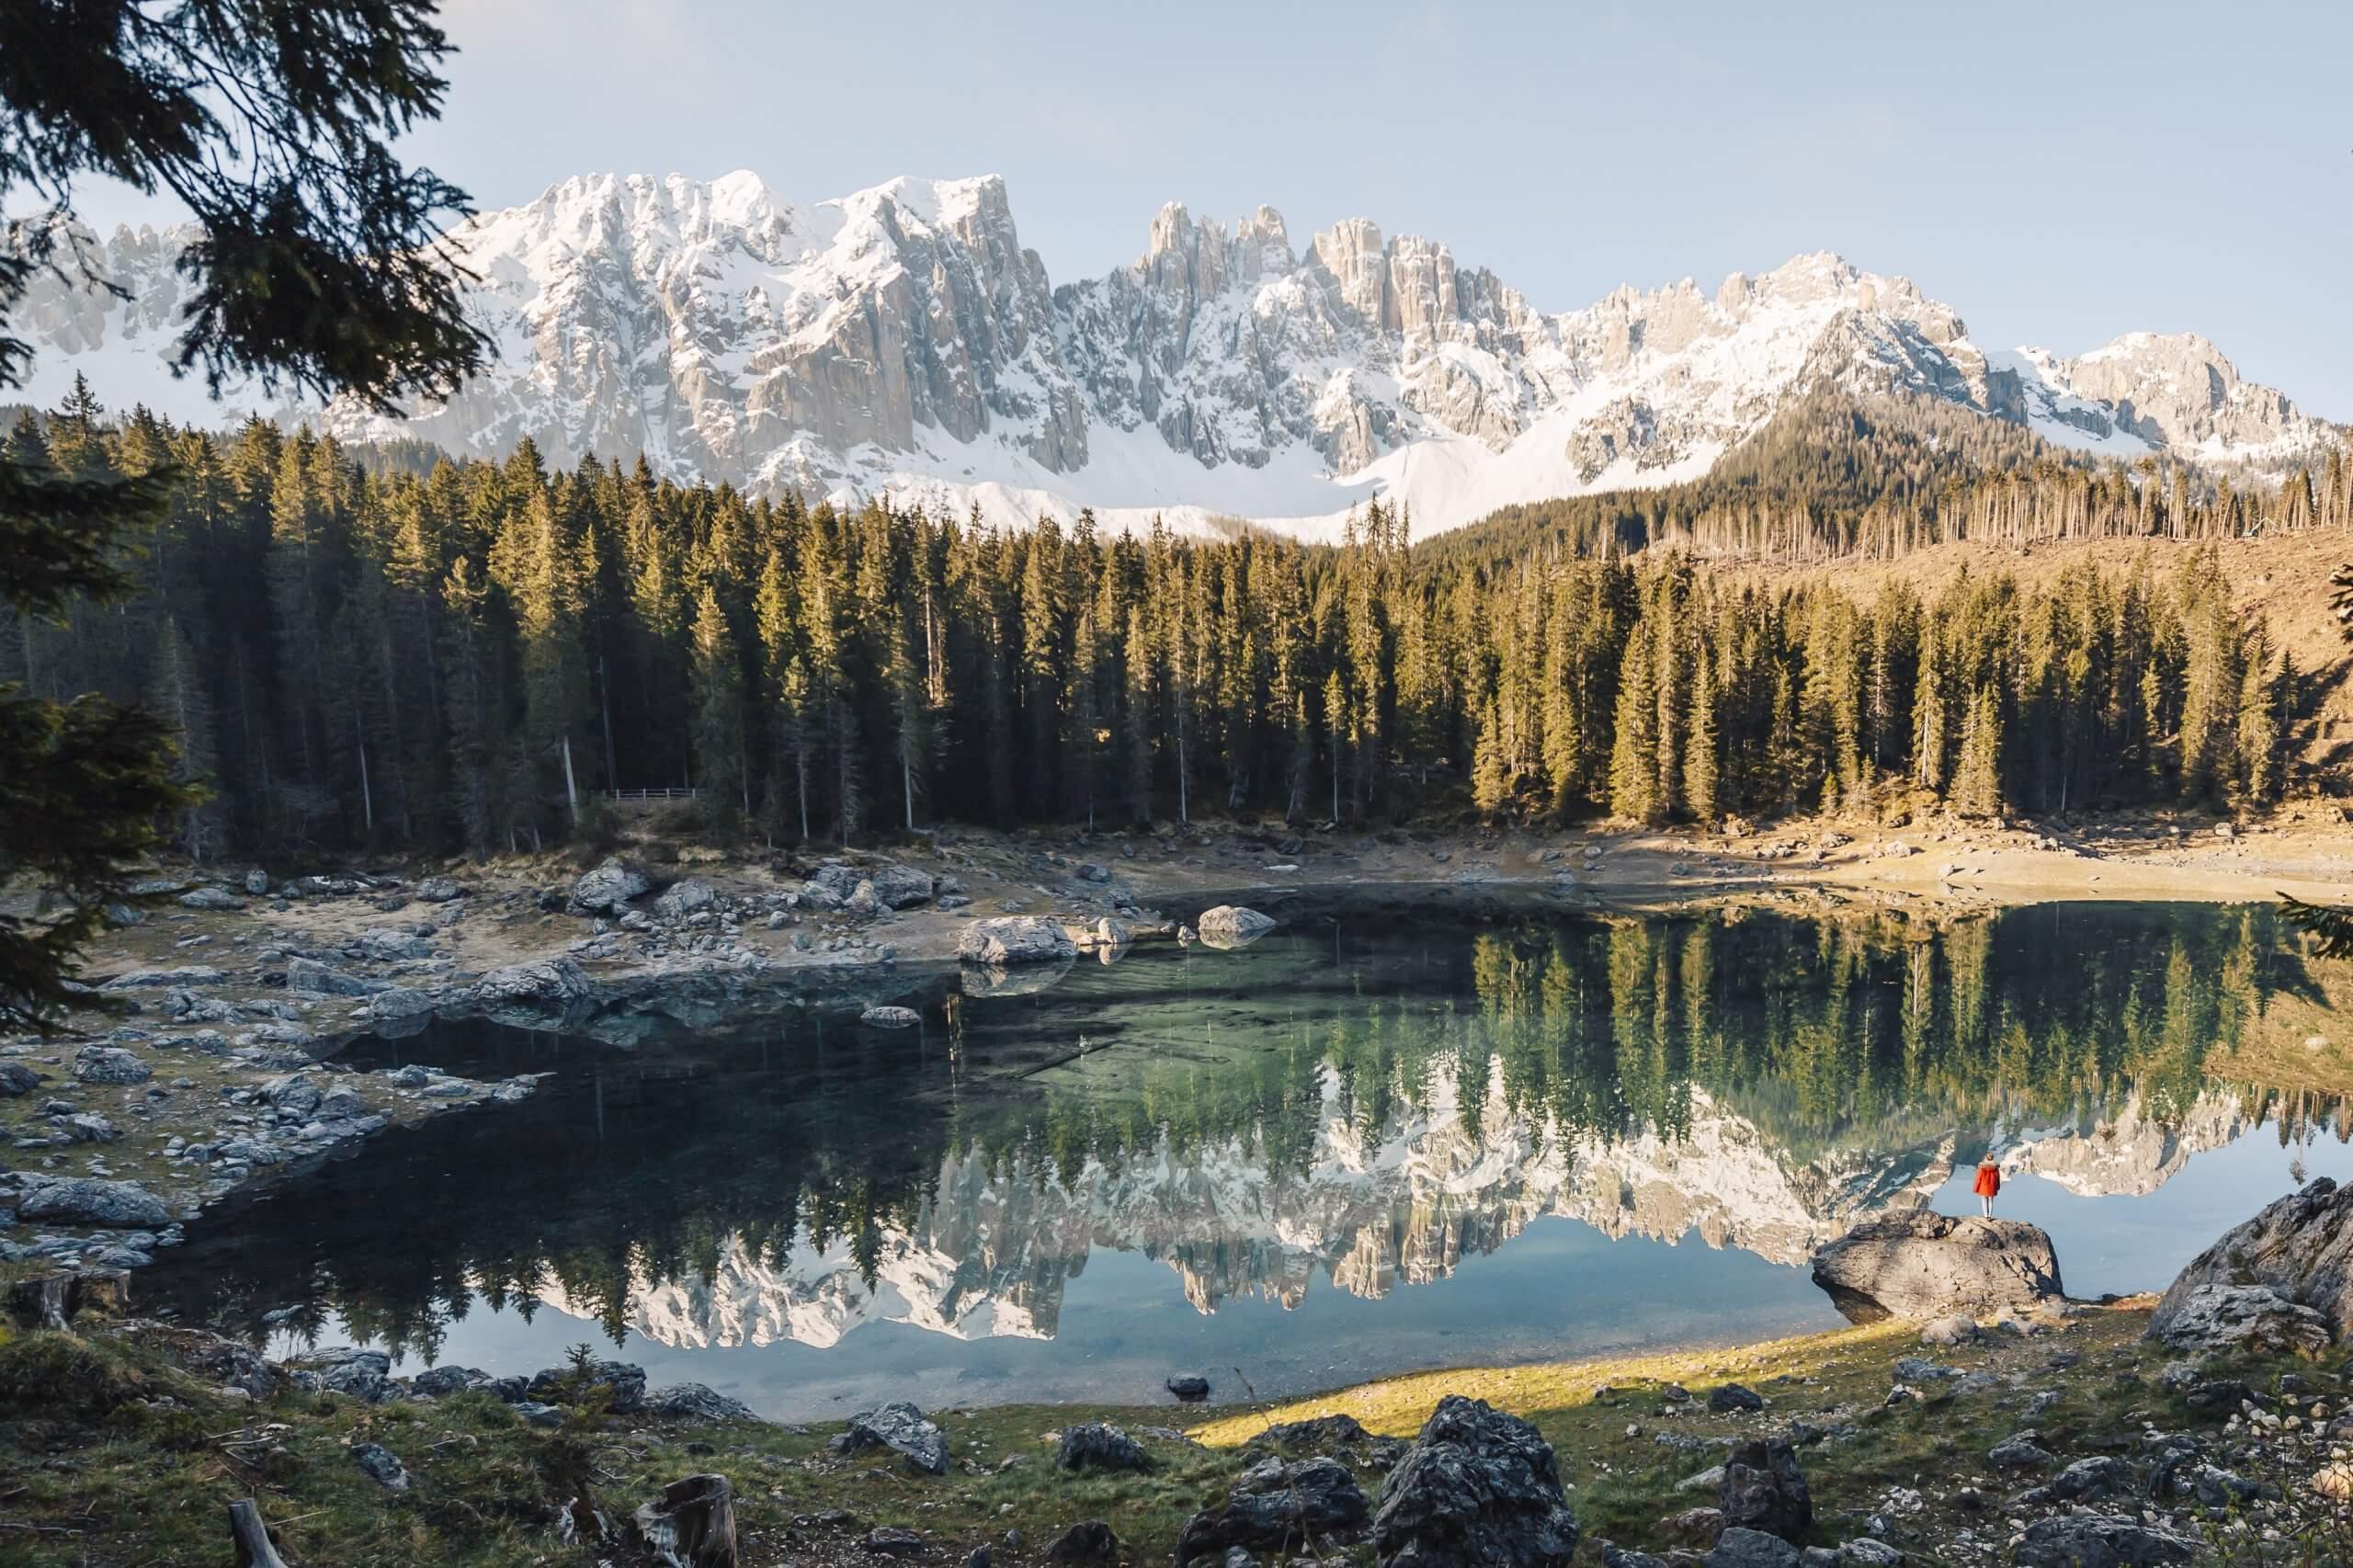 am wunderschönen Karersee - ein Highlight auf jedem Dolomiten Roadtrip